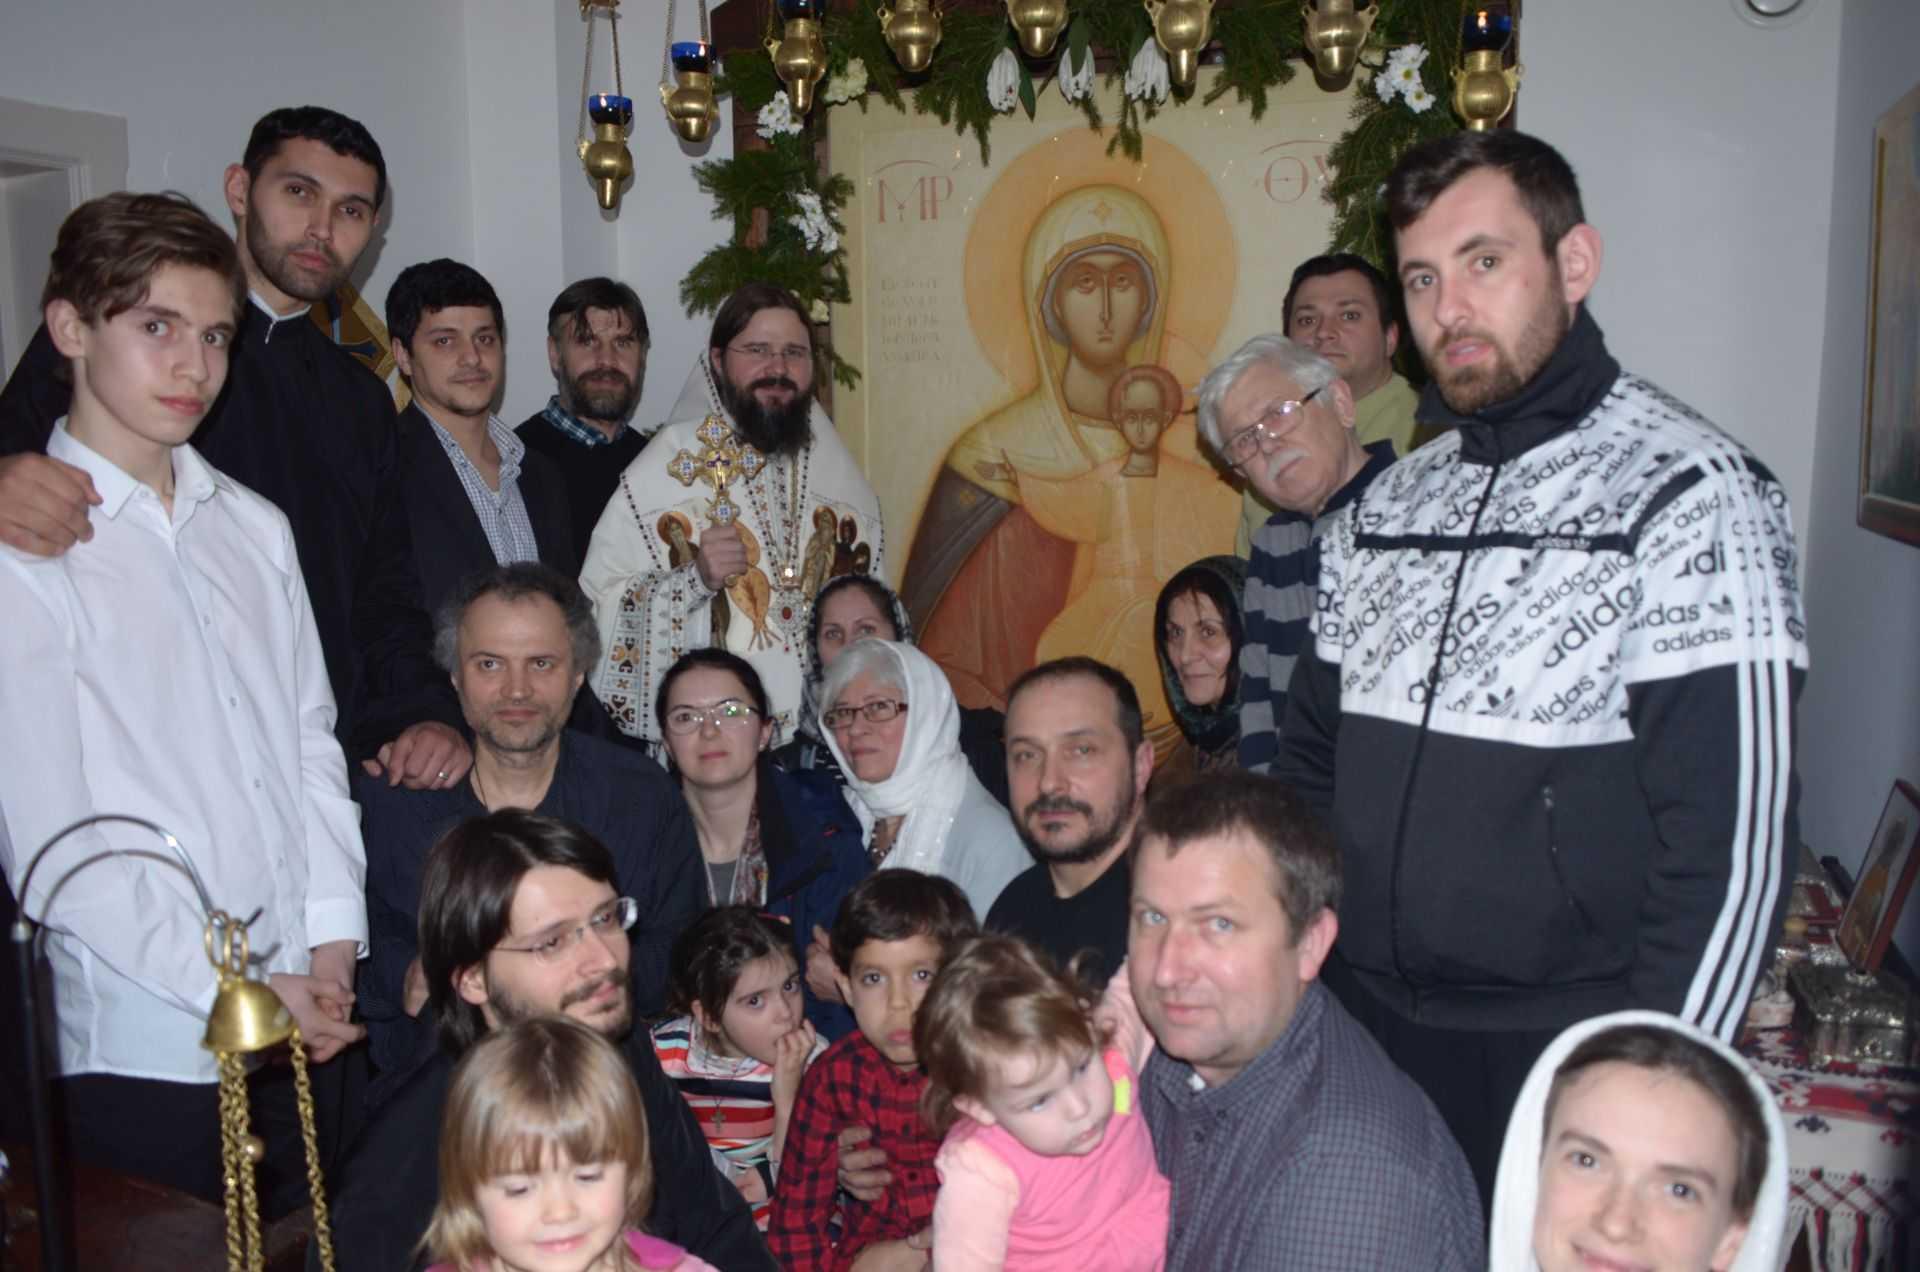 """PREASFINȚITUL MACARIE, Episcopul Europei de Nord despre NEVOIA VITALĂ a unor COMUNITĂȚI DUHOVNICEȘTI VII, în care <i>&#8220;creştinii trebuie să fie deplin angajaţi în viaţa în Hristos, NU DOAR SĂ SOCIALIZEZE superficial&#8221;. &#8220;PAROHIA te poate ajuta să supravieţuieşti în lume ca creştin, dar nu ar trebui să devină o """"ȘCOALĂ A VEDETELOR"""", ci un ATELIER AL FRĂȚIETĂȚII&#8221;</i>"""